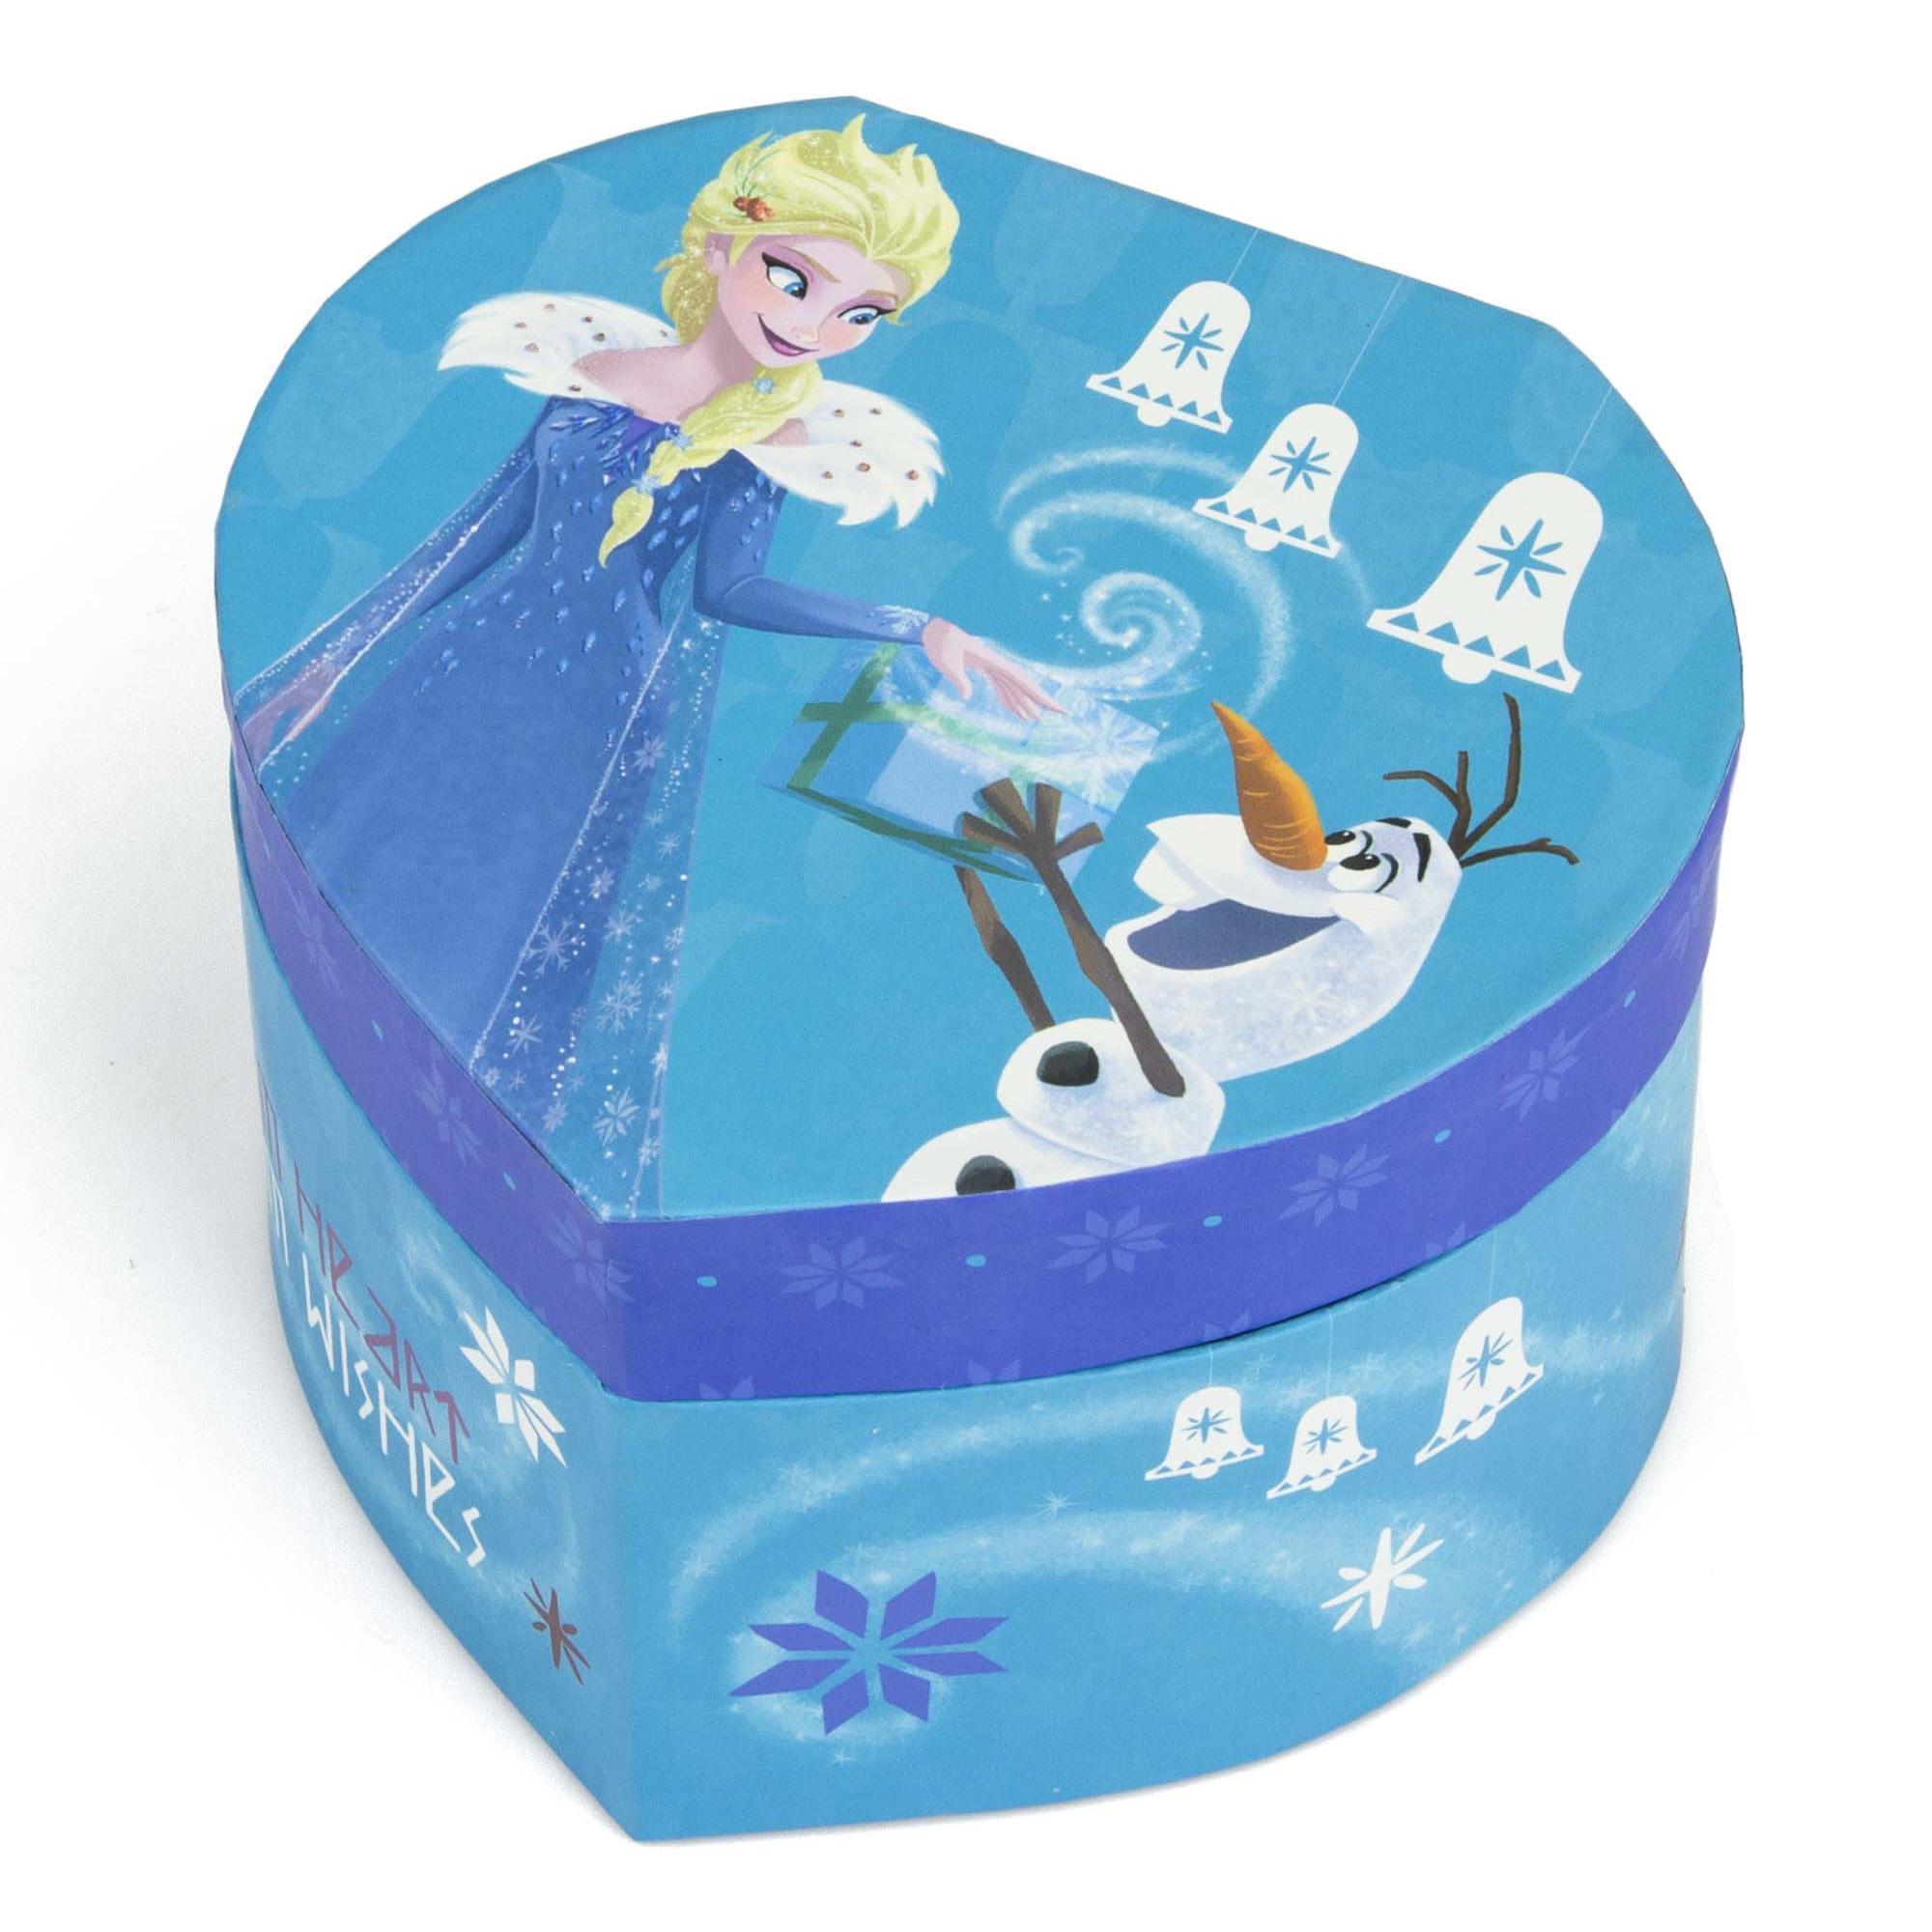 Juwelendoos sieradendoos blauw disney frozen 12 x 11 x 8 cm voor meisjes